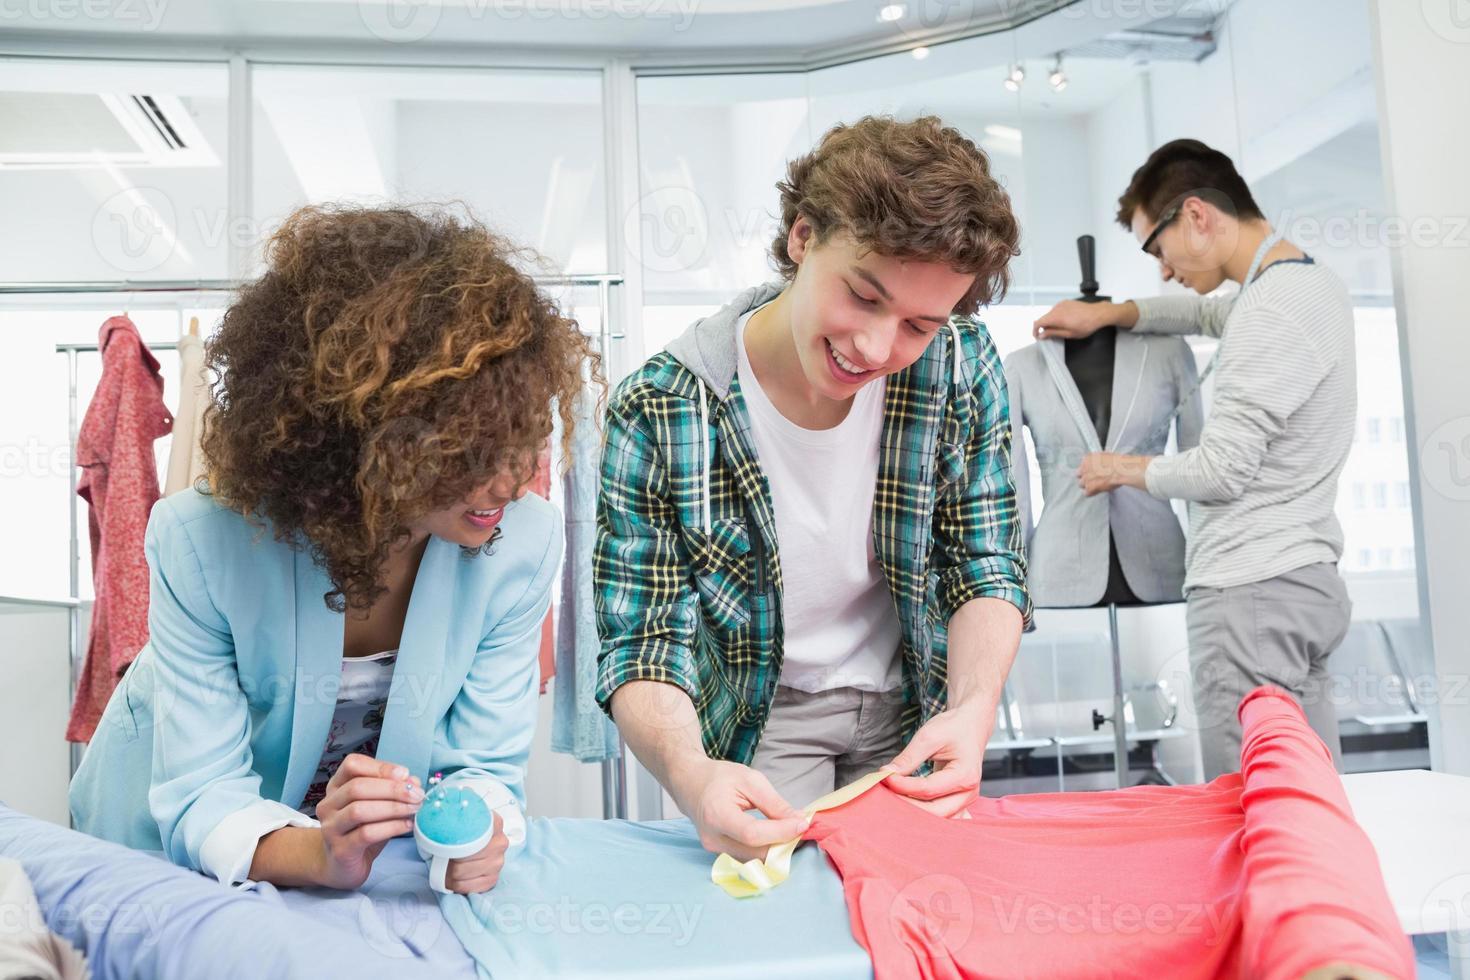 studenti che lavorano insieme con un tessuto foto